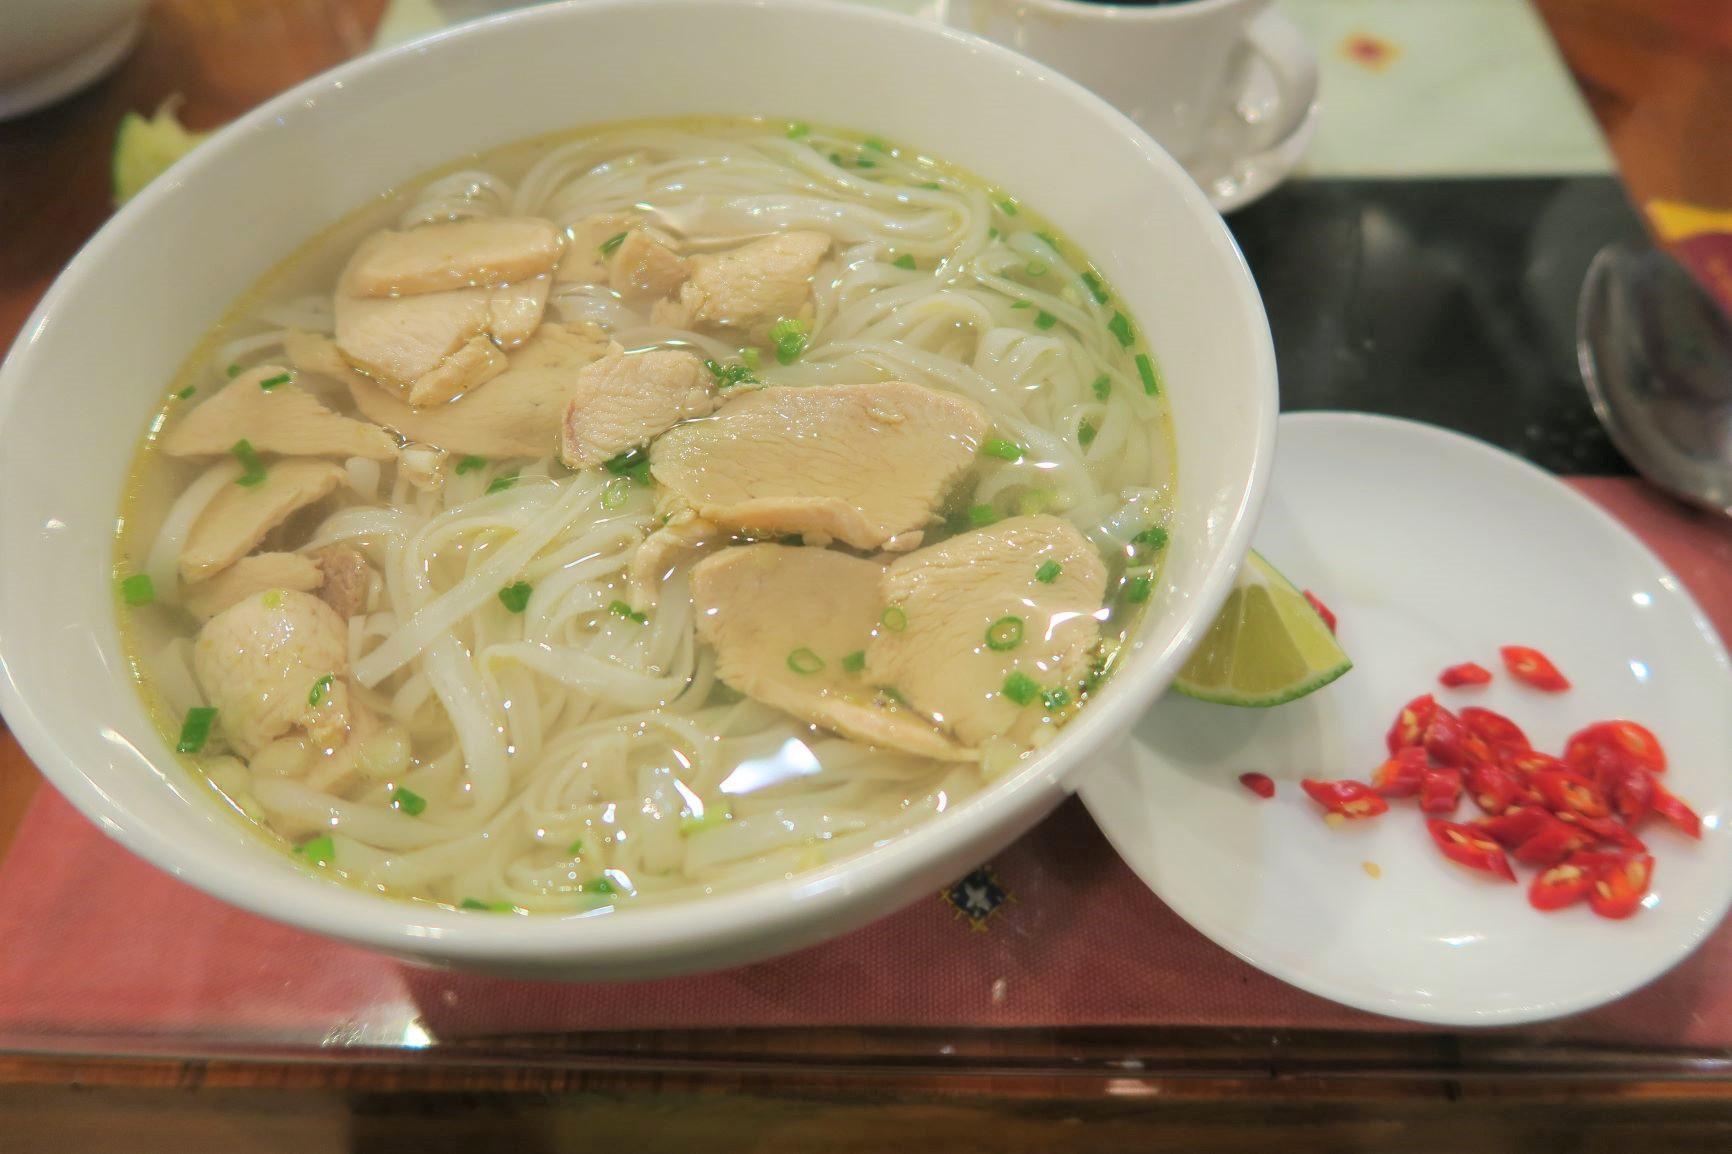 ベトナム料理も楽しみのひとつ(国民食フォー)